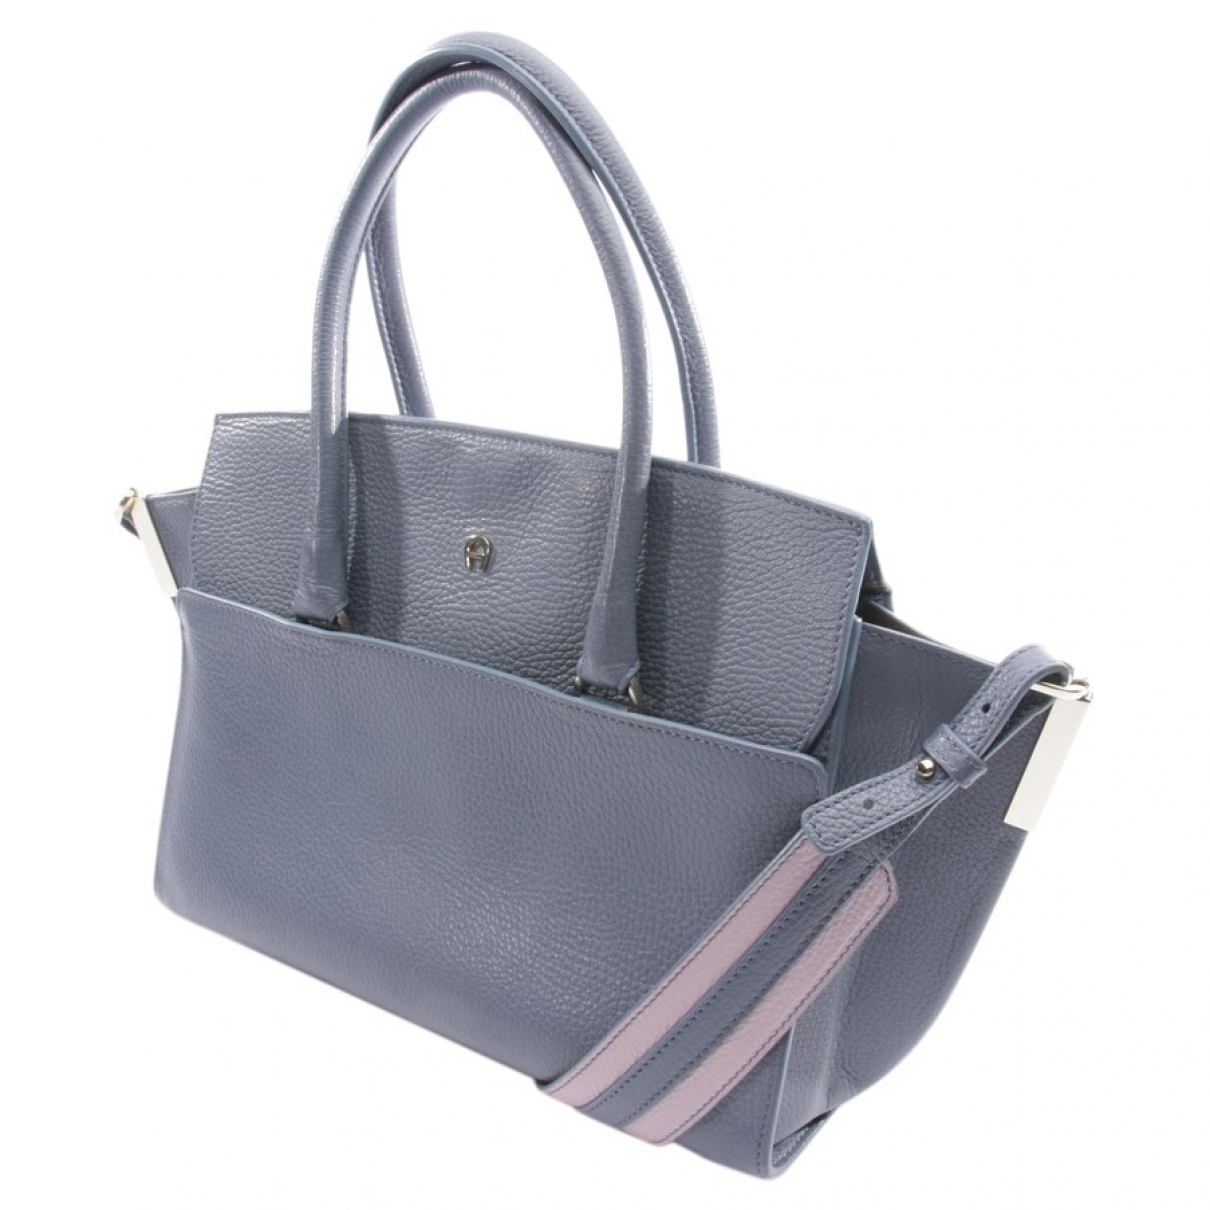 Aigner \N Blue Leather handbag for Women \N